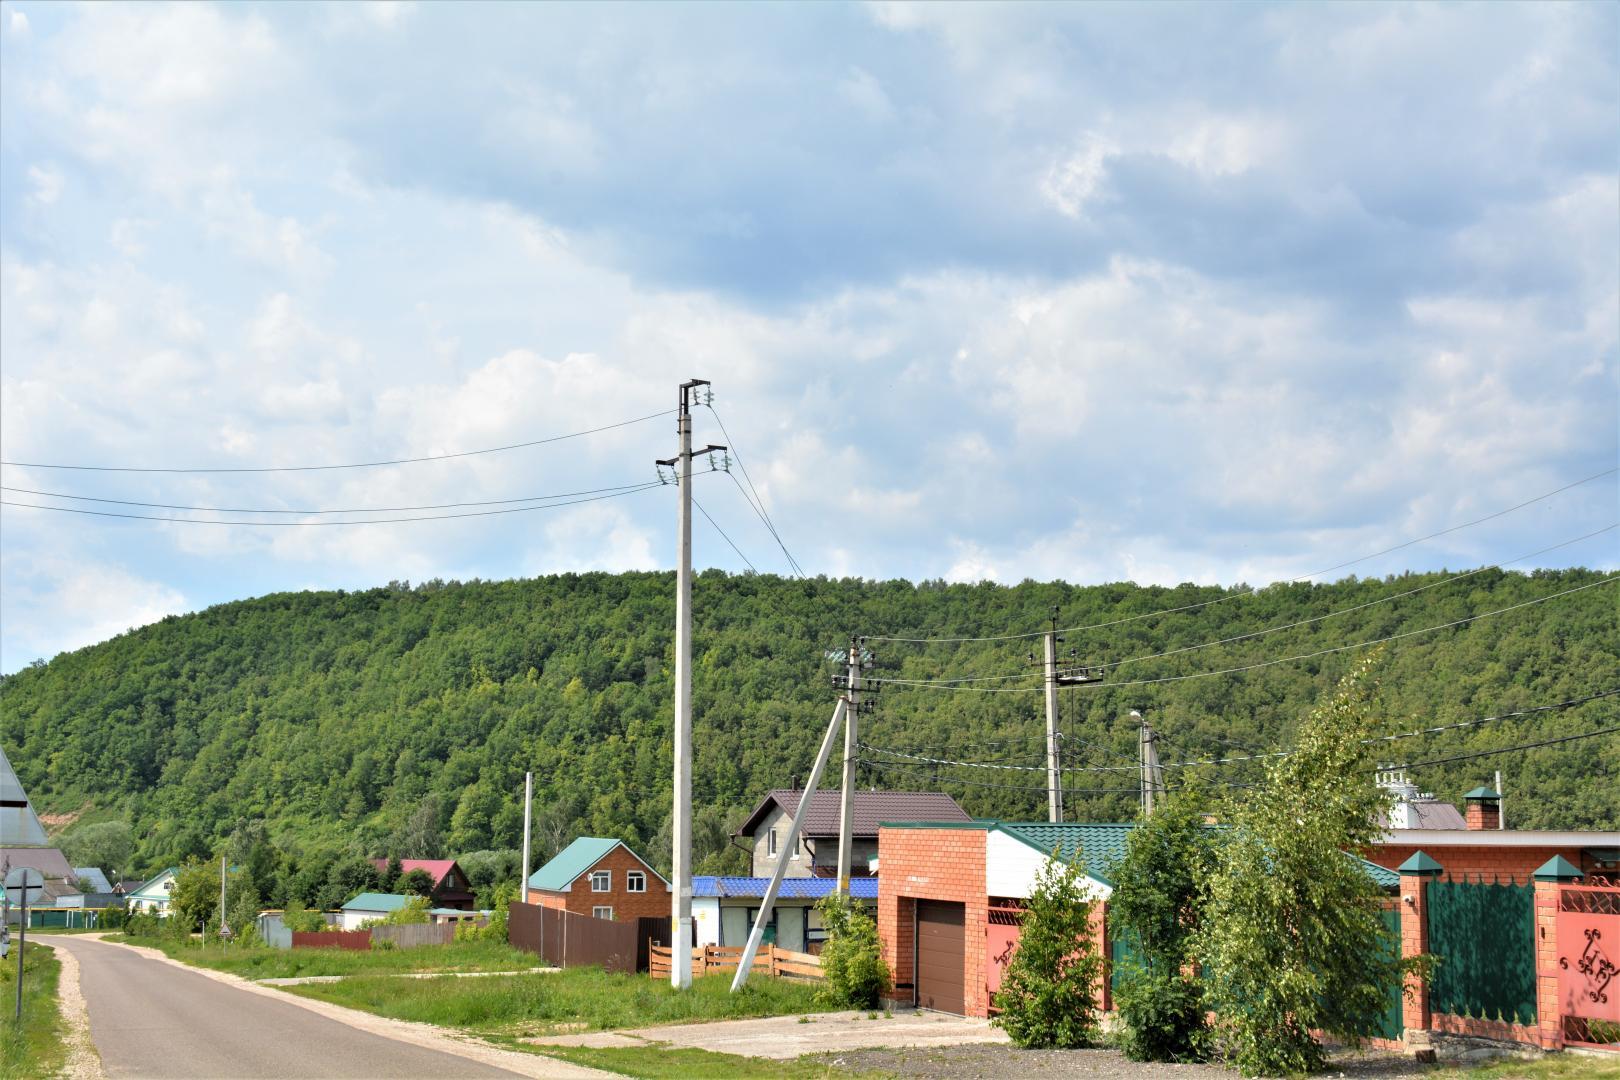 успехов будет введенская слобода татарстан фото залах много естественного